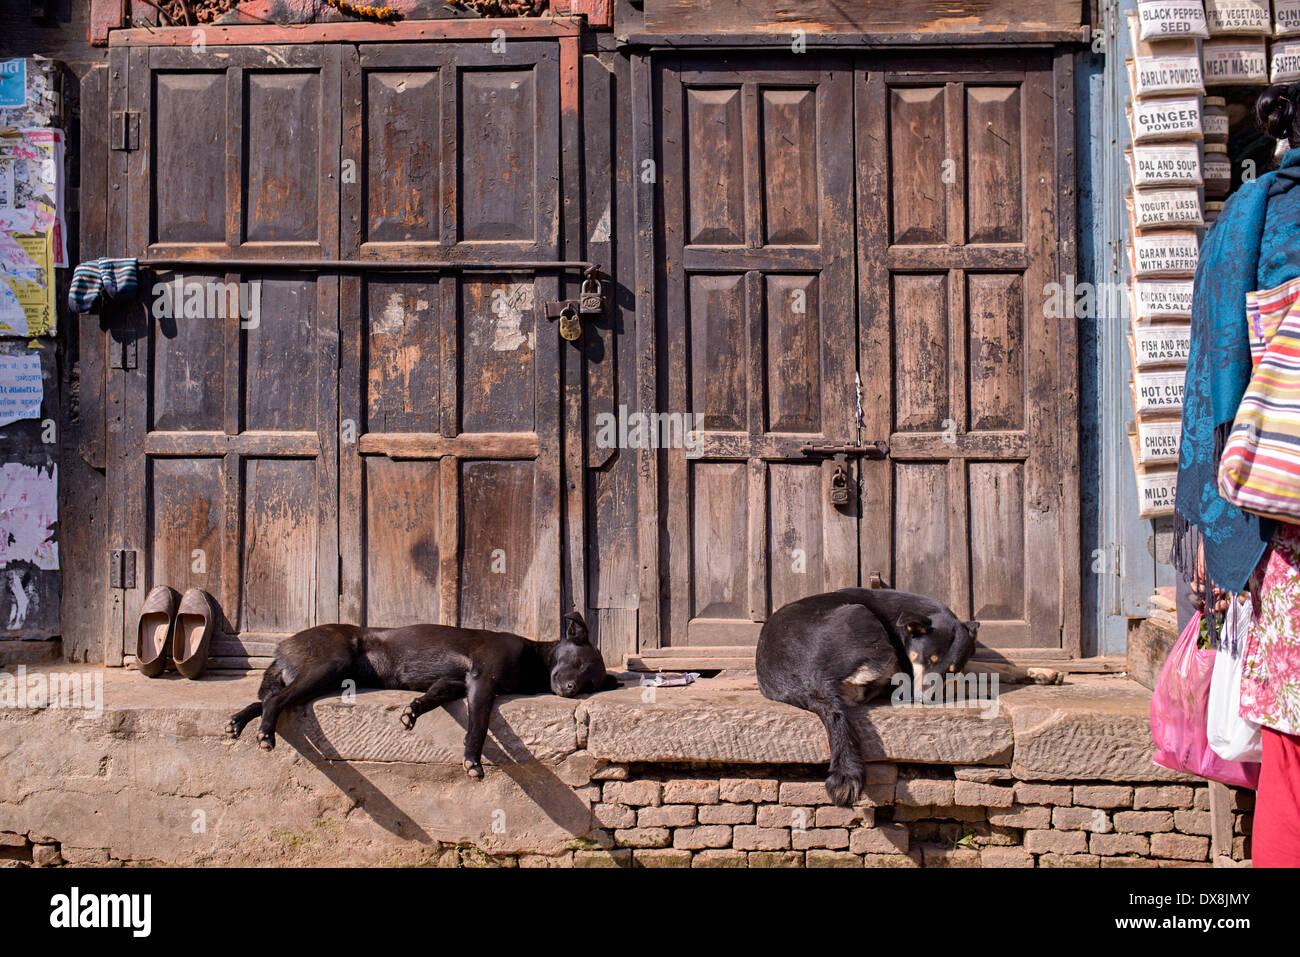 Sleeping dogs on the street of Kathmandu - Stock Image